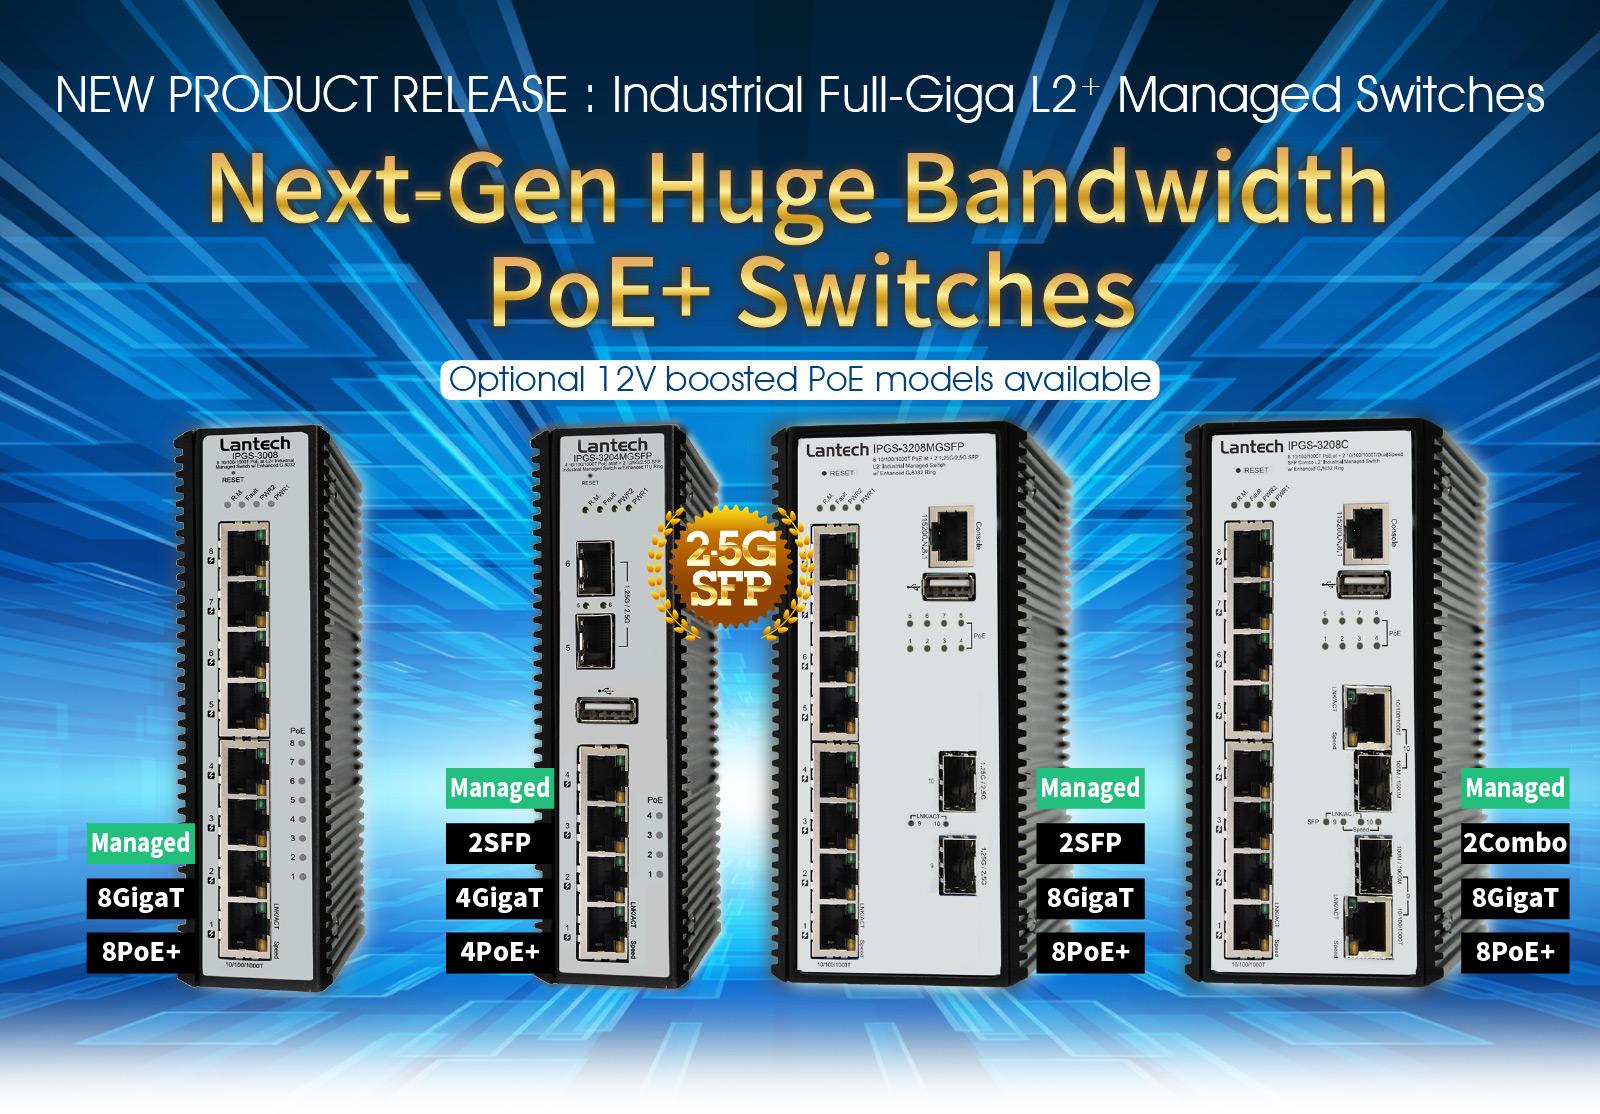 Nowej generacji przemysłowe zarządzalne switche L2+ z PoE o wysokiej przepustowości danych